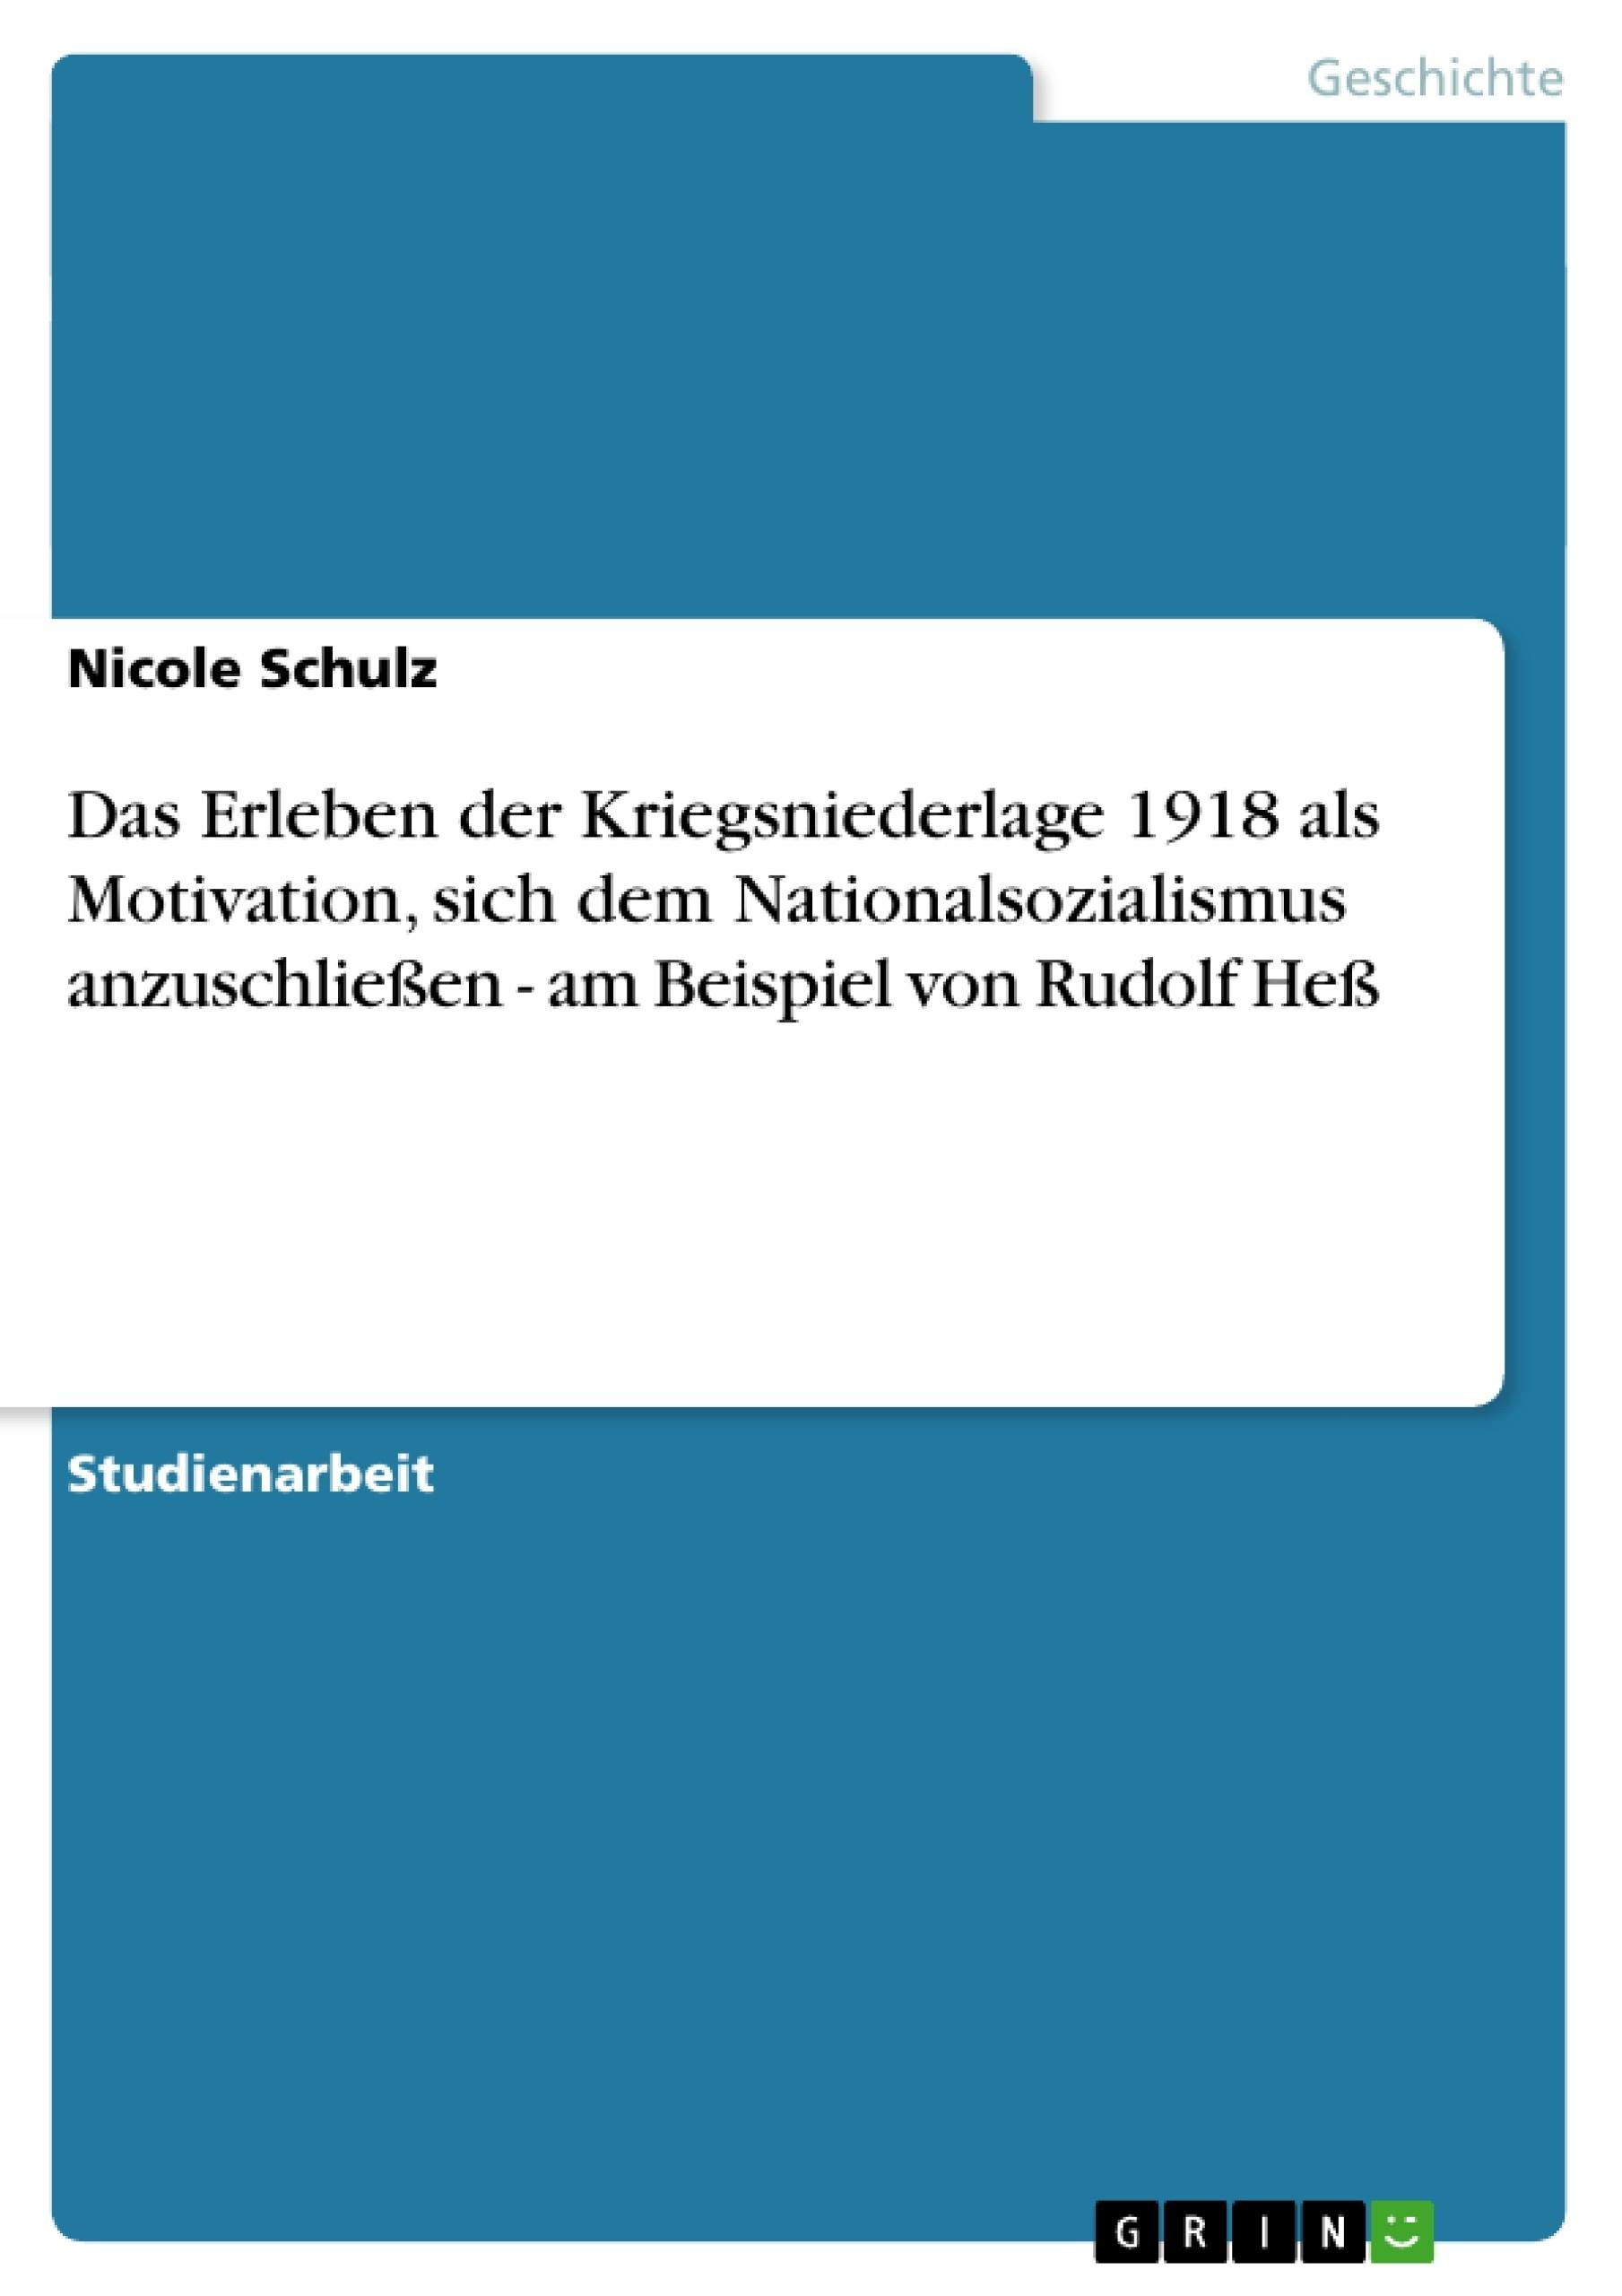 Titel: Das Erleben der Kriegsniederlage 1918 als Motivation, sich dem Nationalsozialismus anzuschließen - am Beispiel von Rudolf Heß